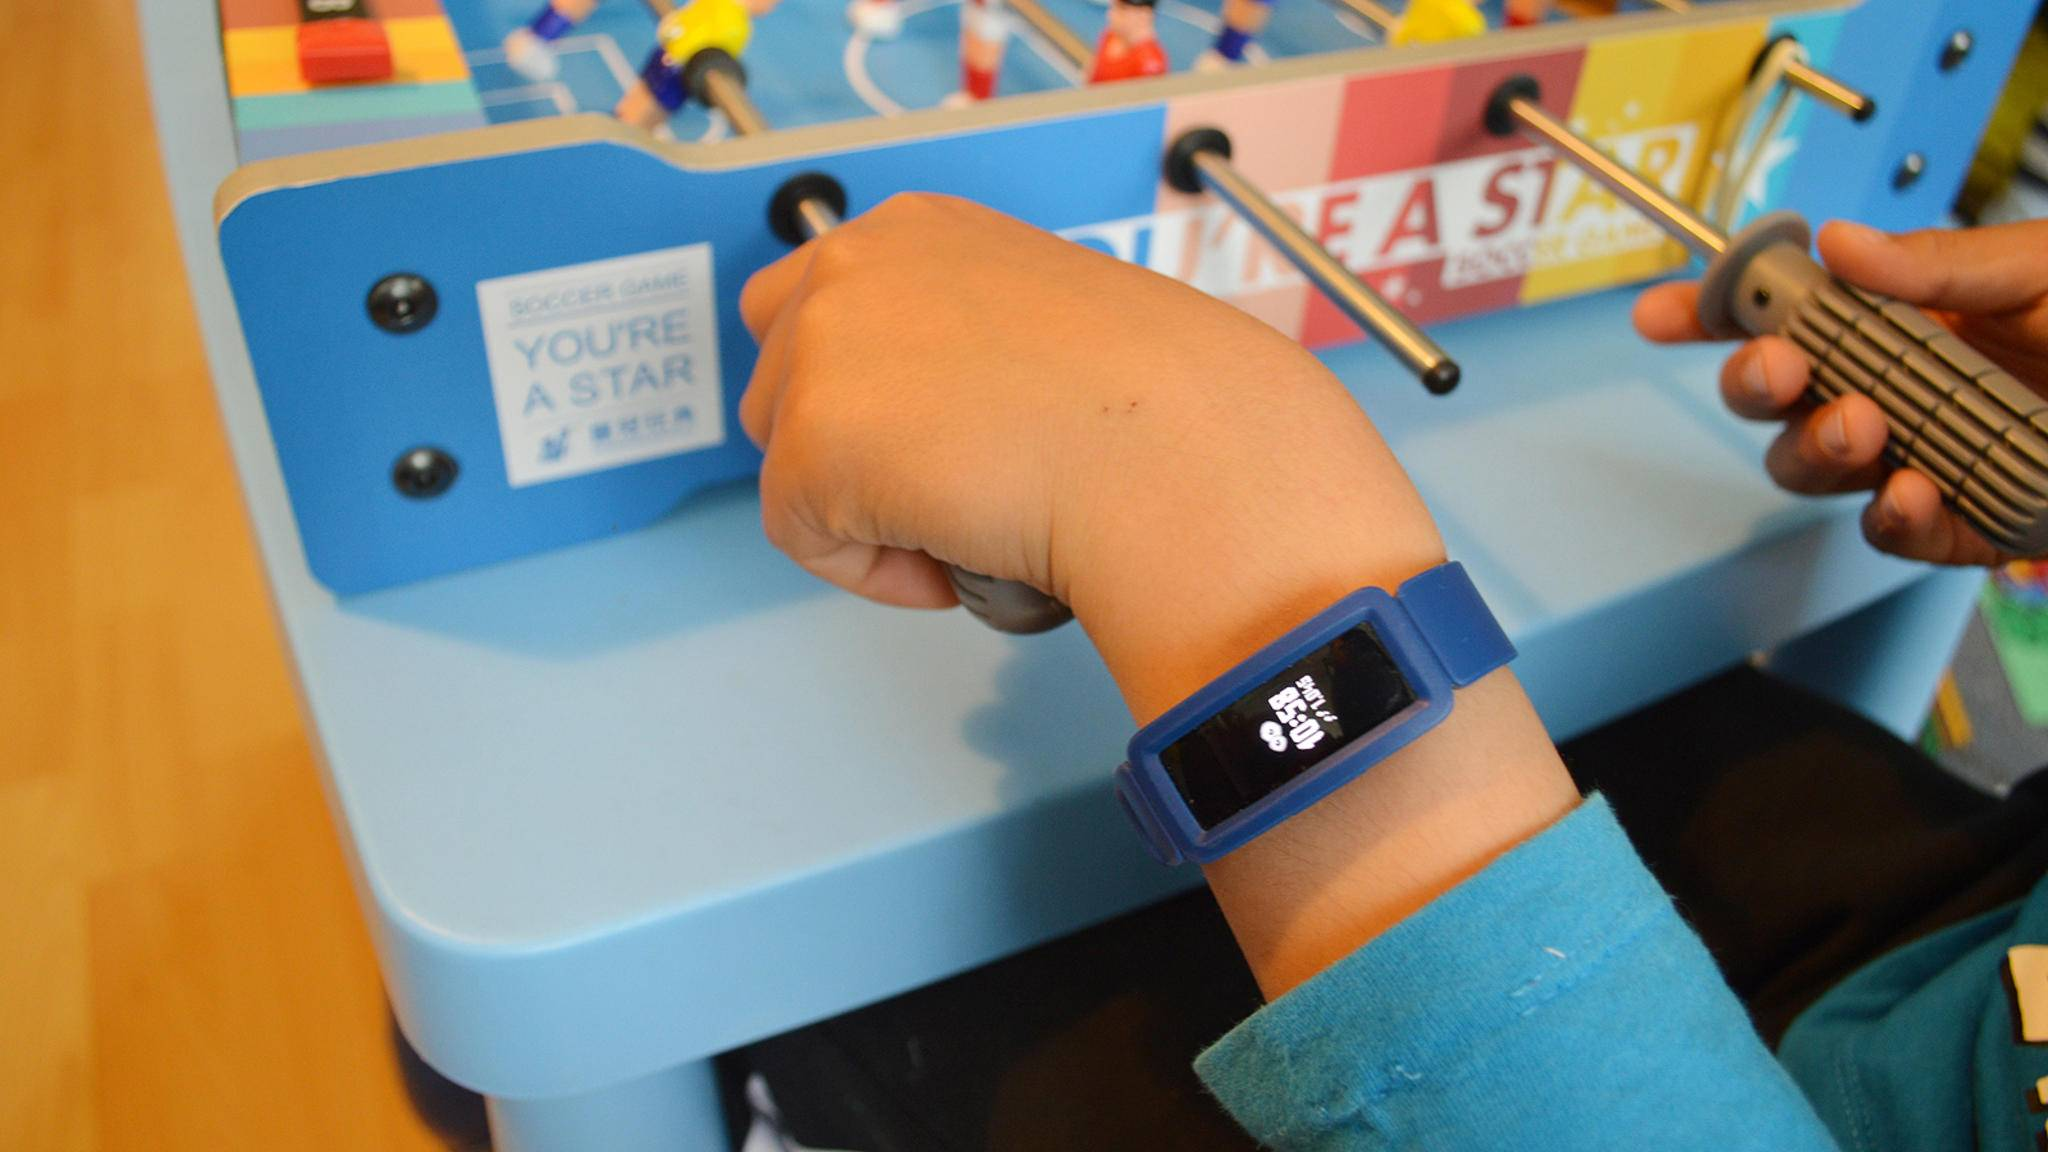 Der neue Kinder-Fitness-Tracker Fitbit Ace 2: wasserdicht, lange Akkulaufzeit und schon für Kinder ab sechs Jahren geeignet.